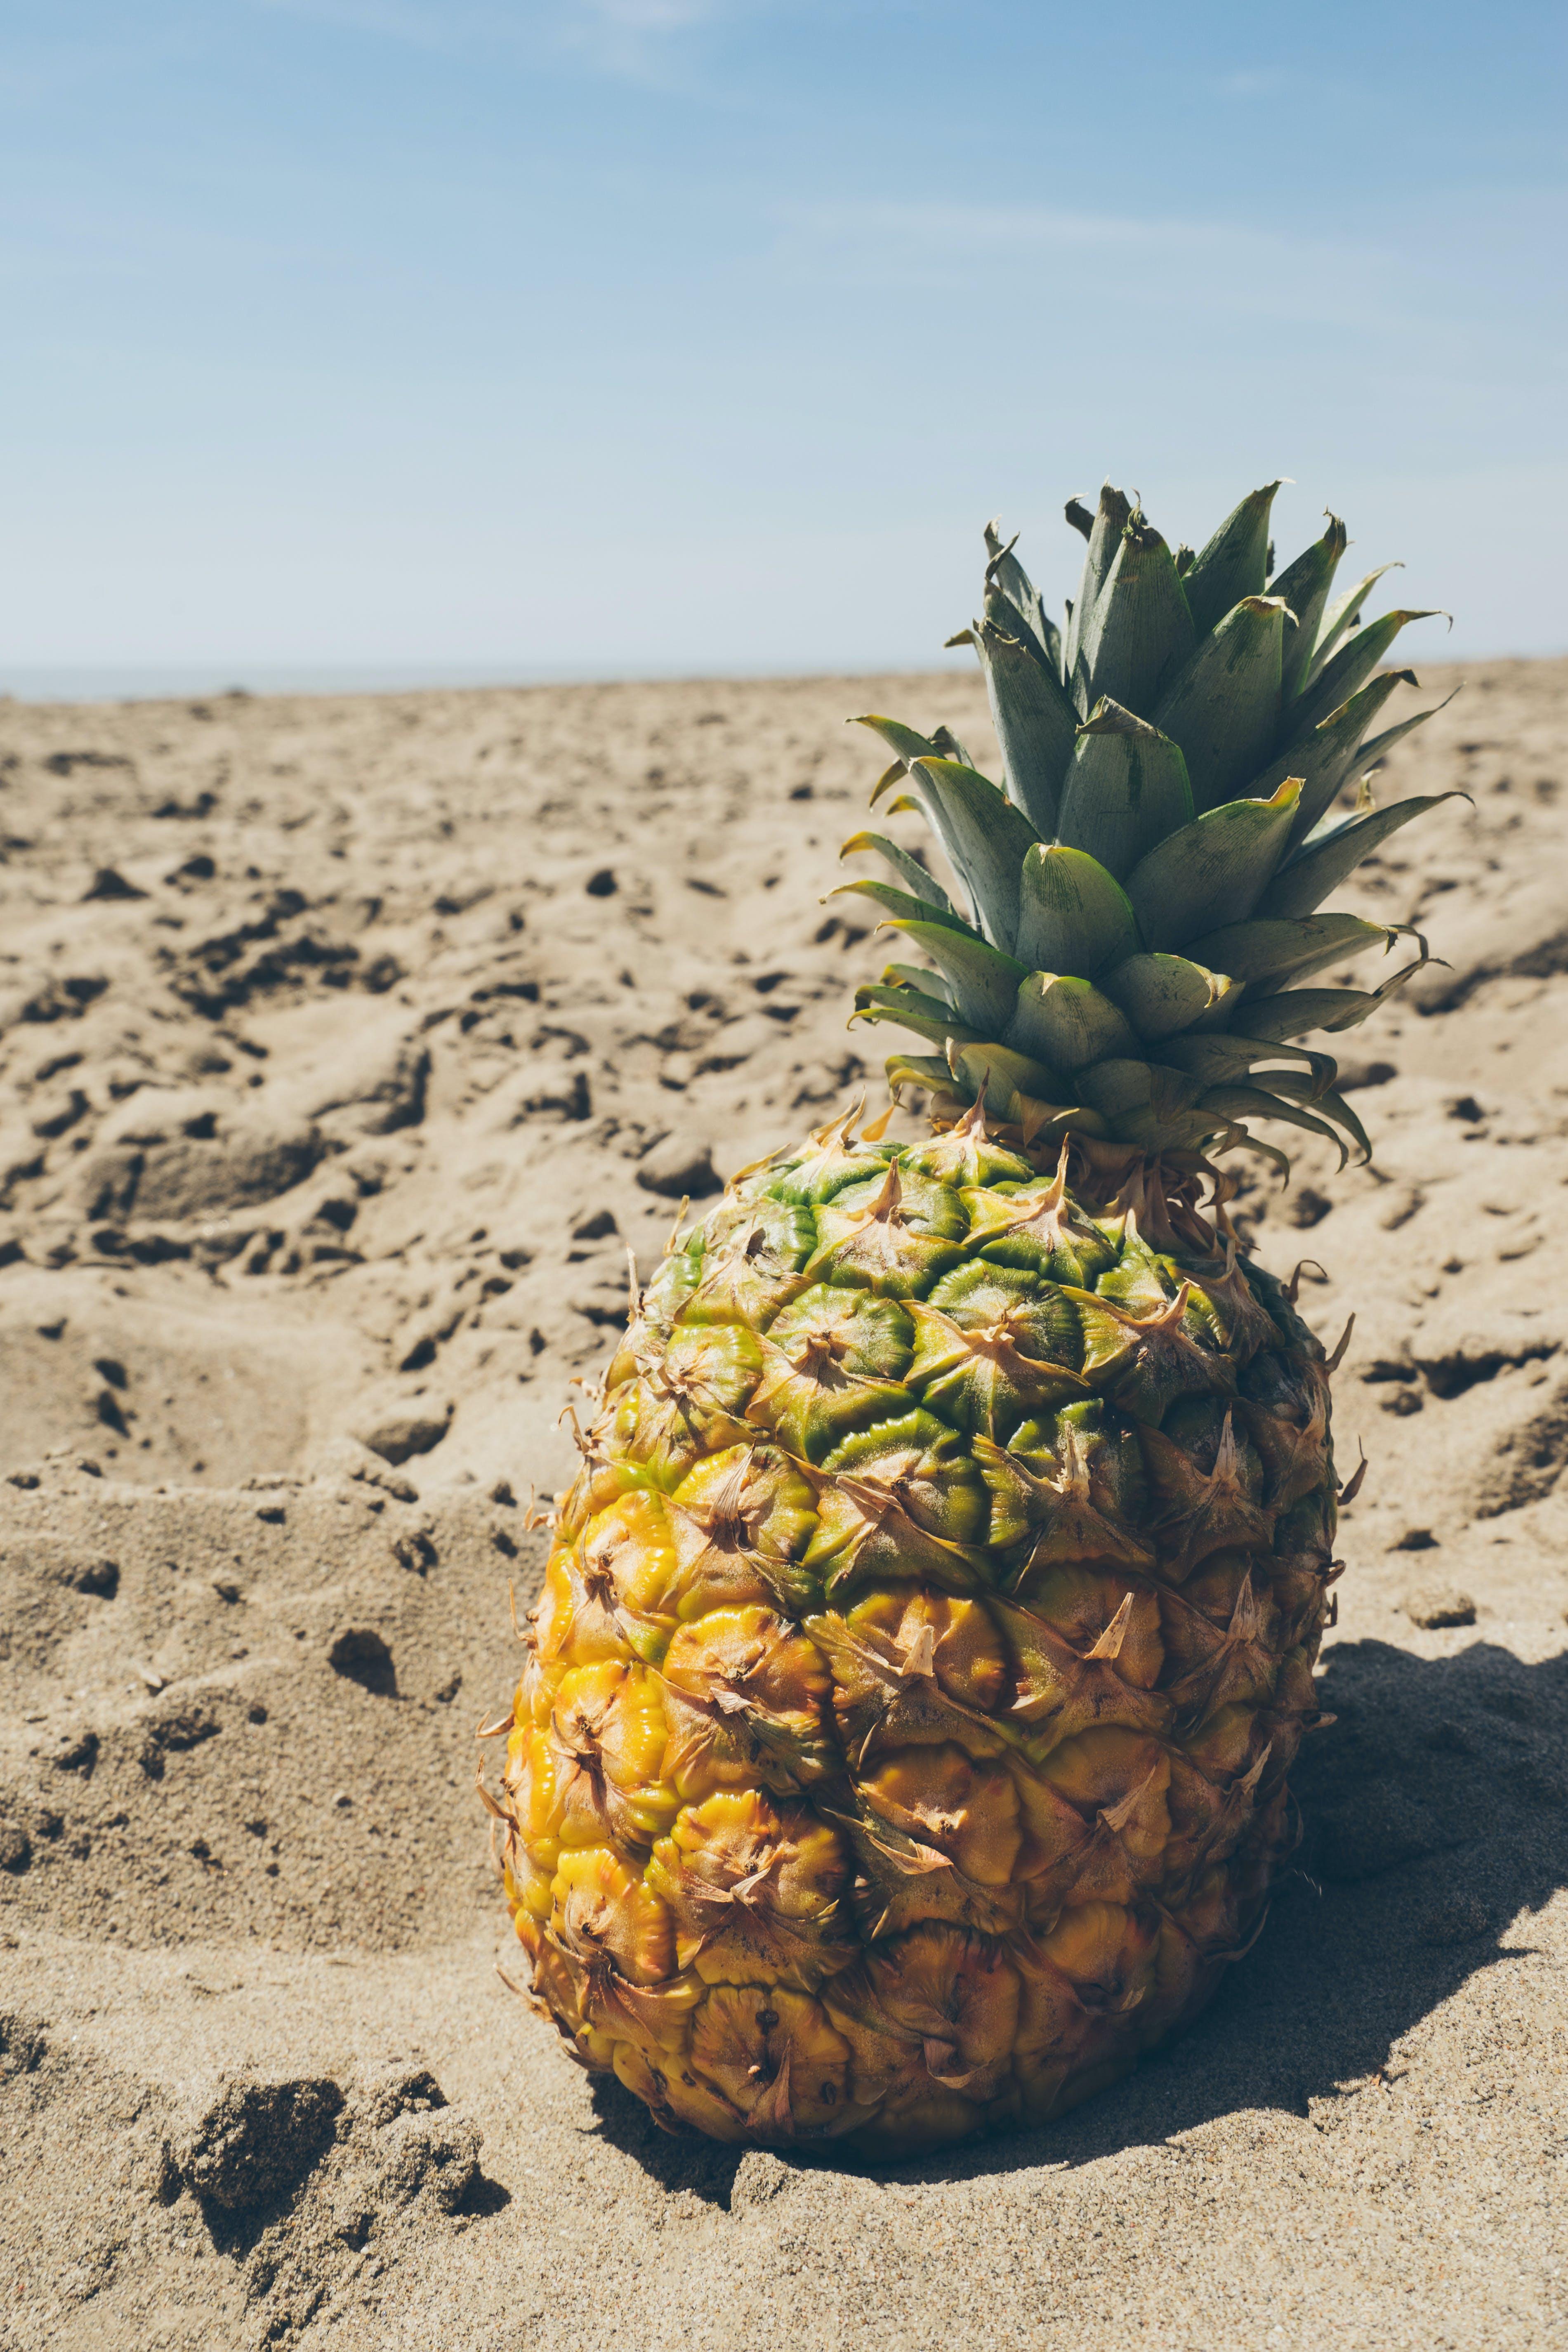 乾旱, 乾的, 仙人掌, 健康 的 免费素材照片